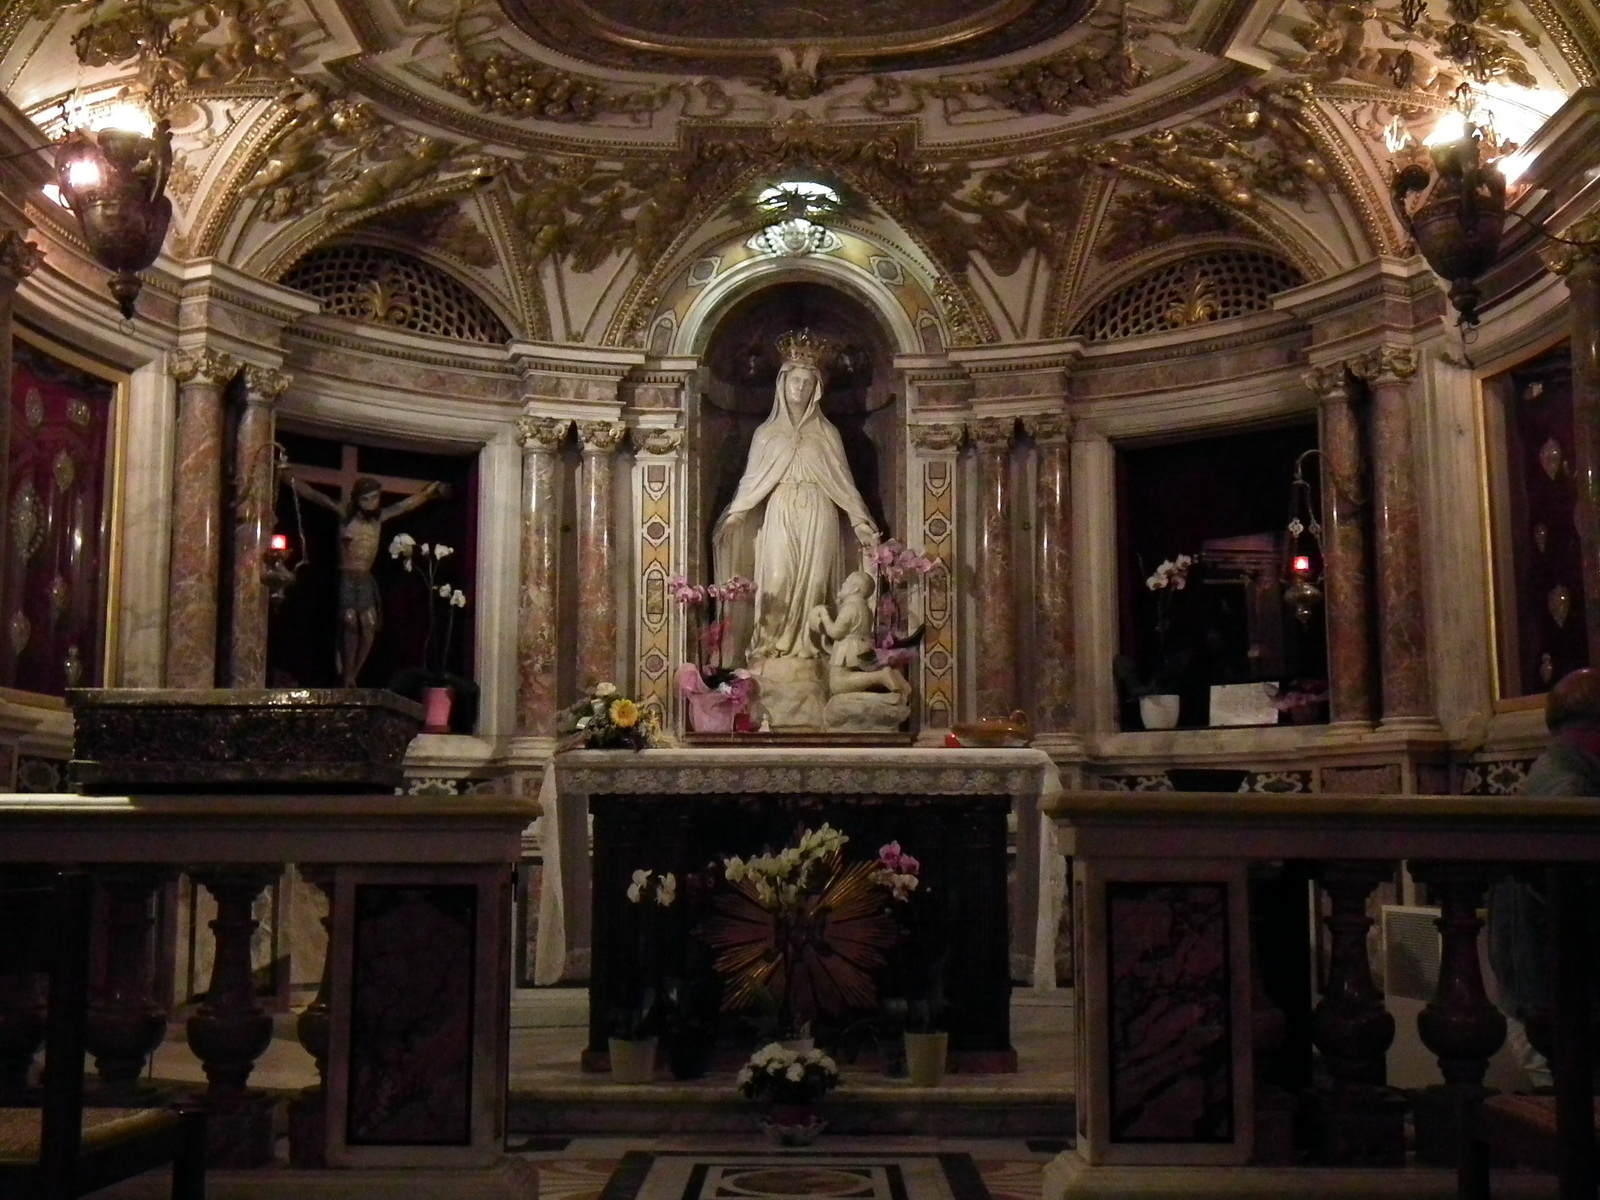 Aparición Contra el Protestantismo: Nuestra Señora de la Misericordia de Savona, Italia (18 mar)